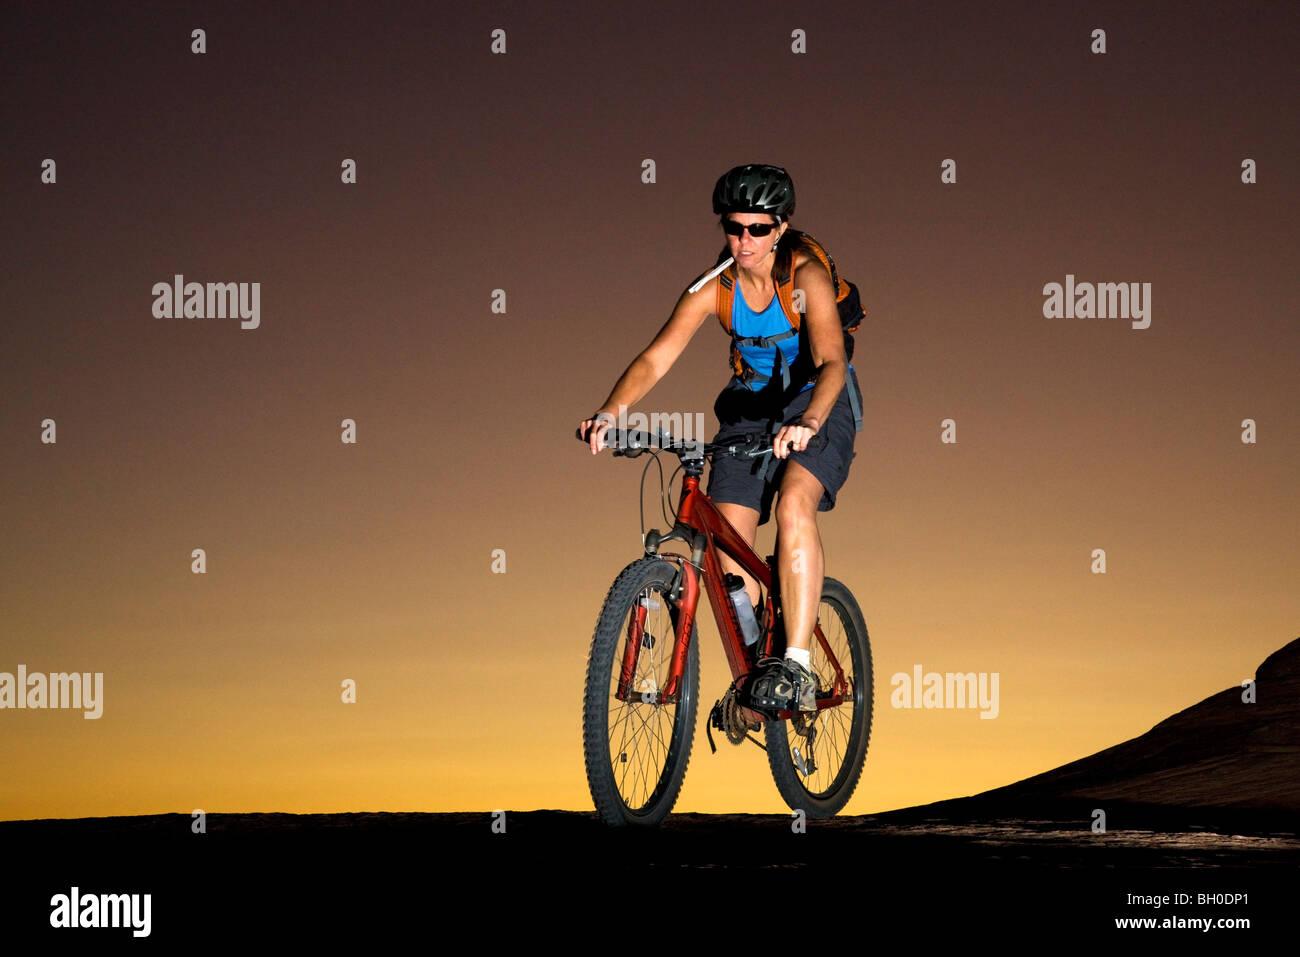 Mountain bike il famoso sentiero Slickrock, Moab, Utah. (Modello rilasciato) Immagini Stock